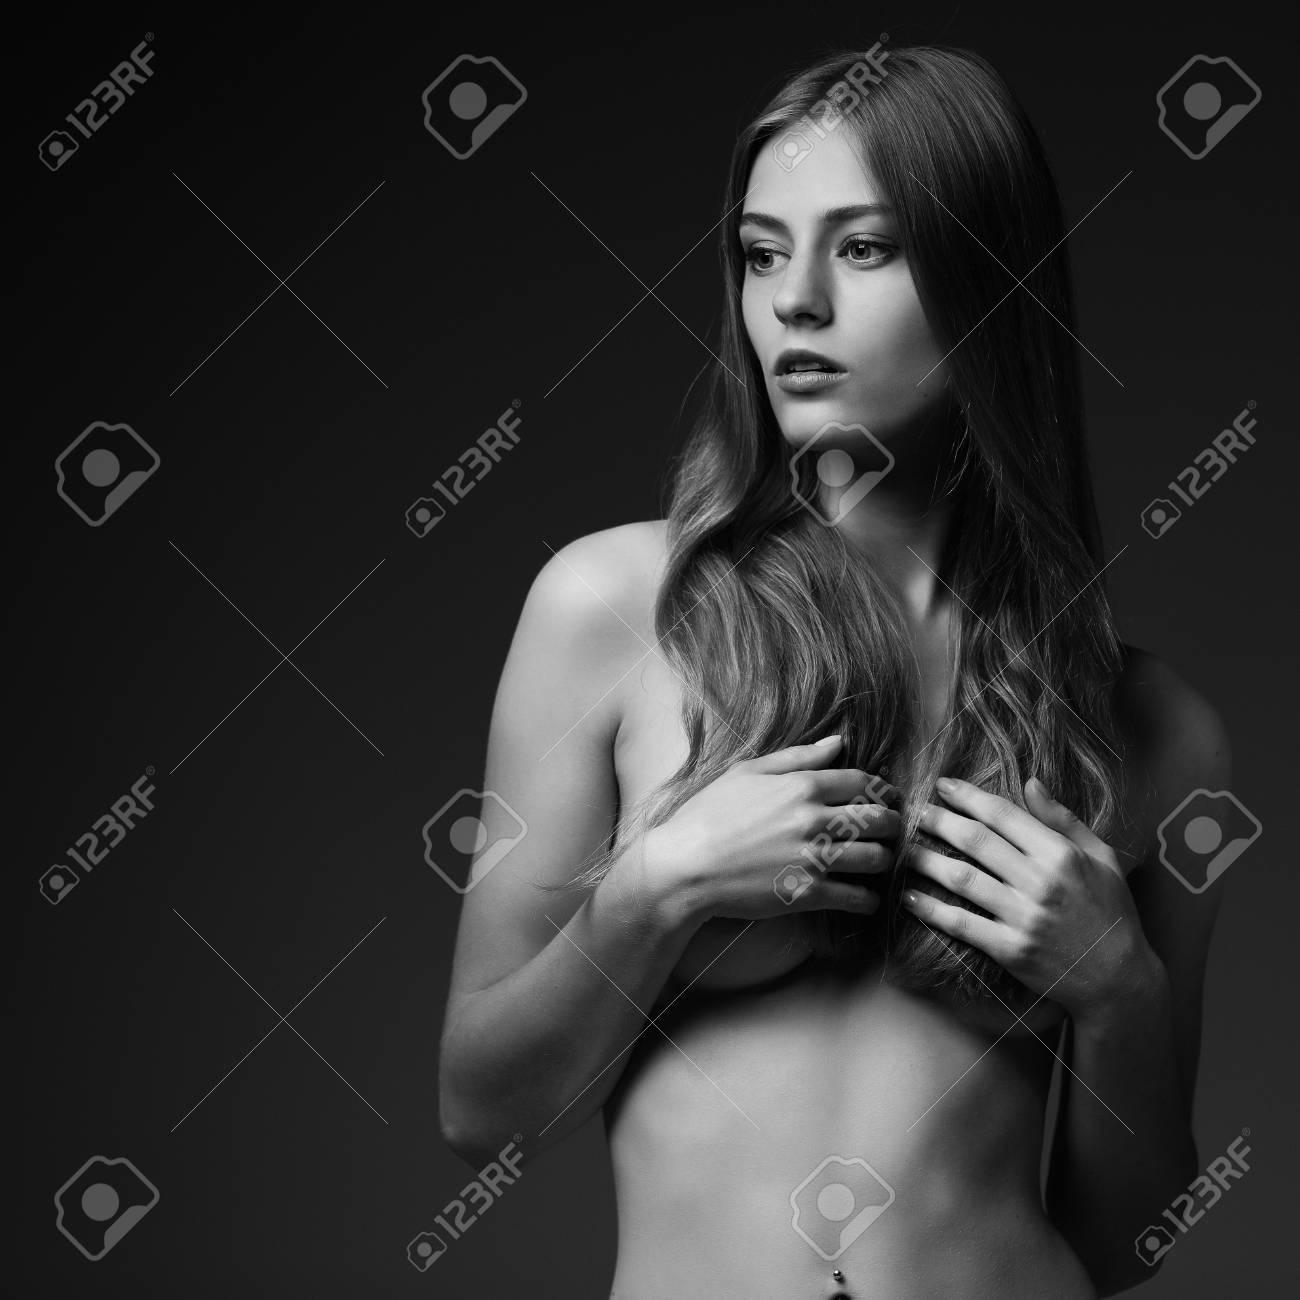 Black and white studio photo of elegant naked lady